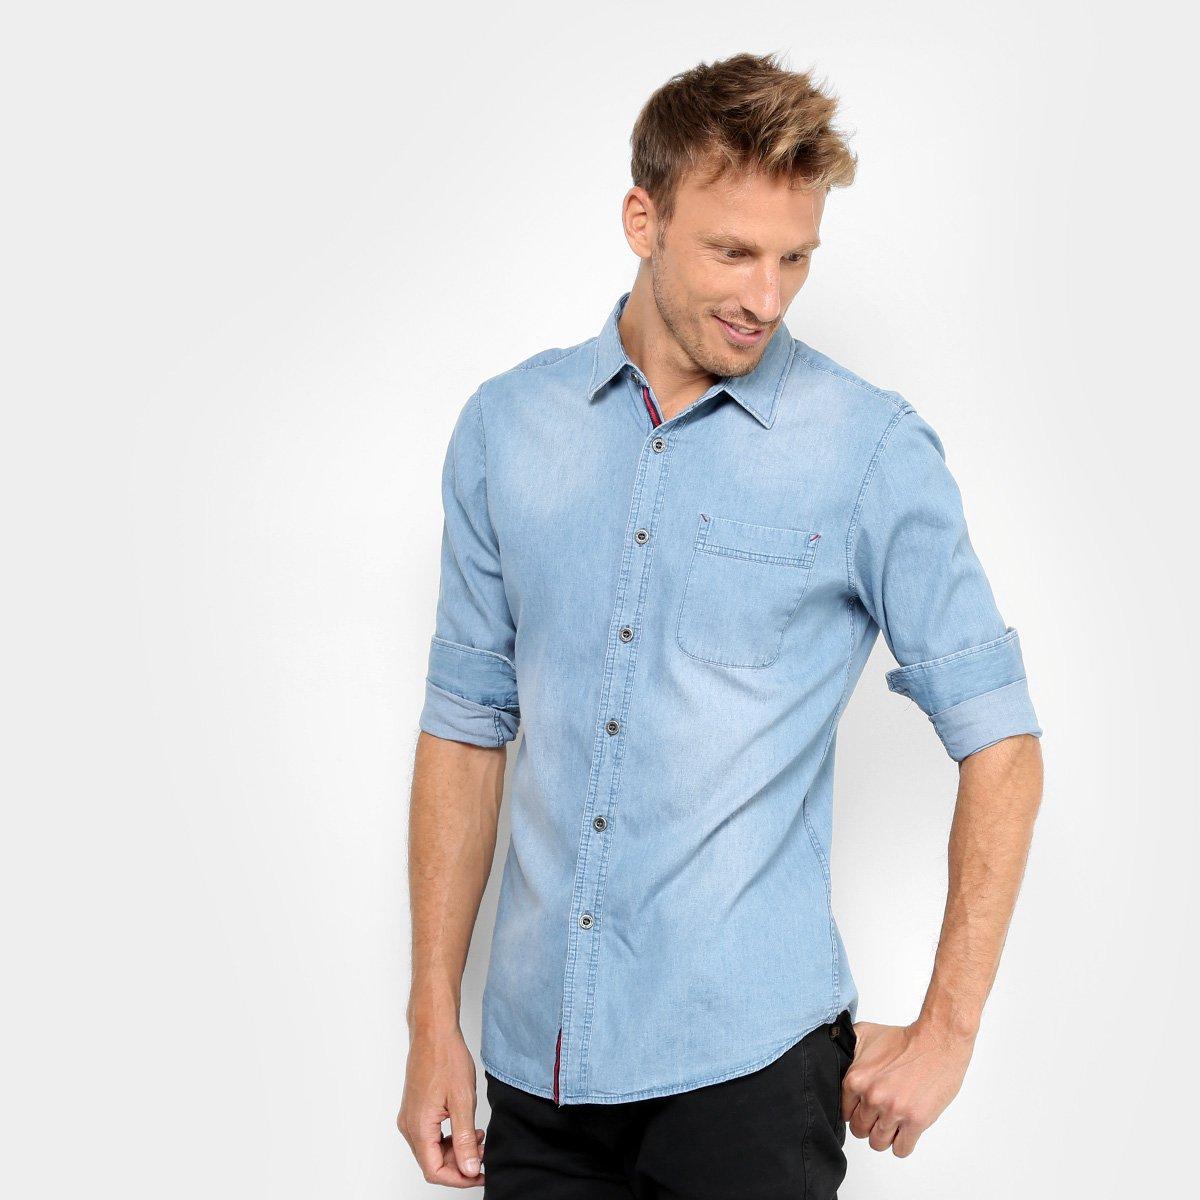 Camisa Jeans Broken Rules Estonada Bolso Masculina - Compre Agora ... 4181051cbf72c